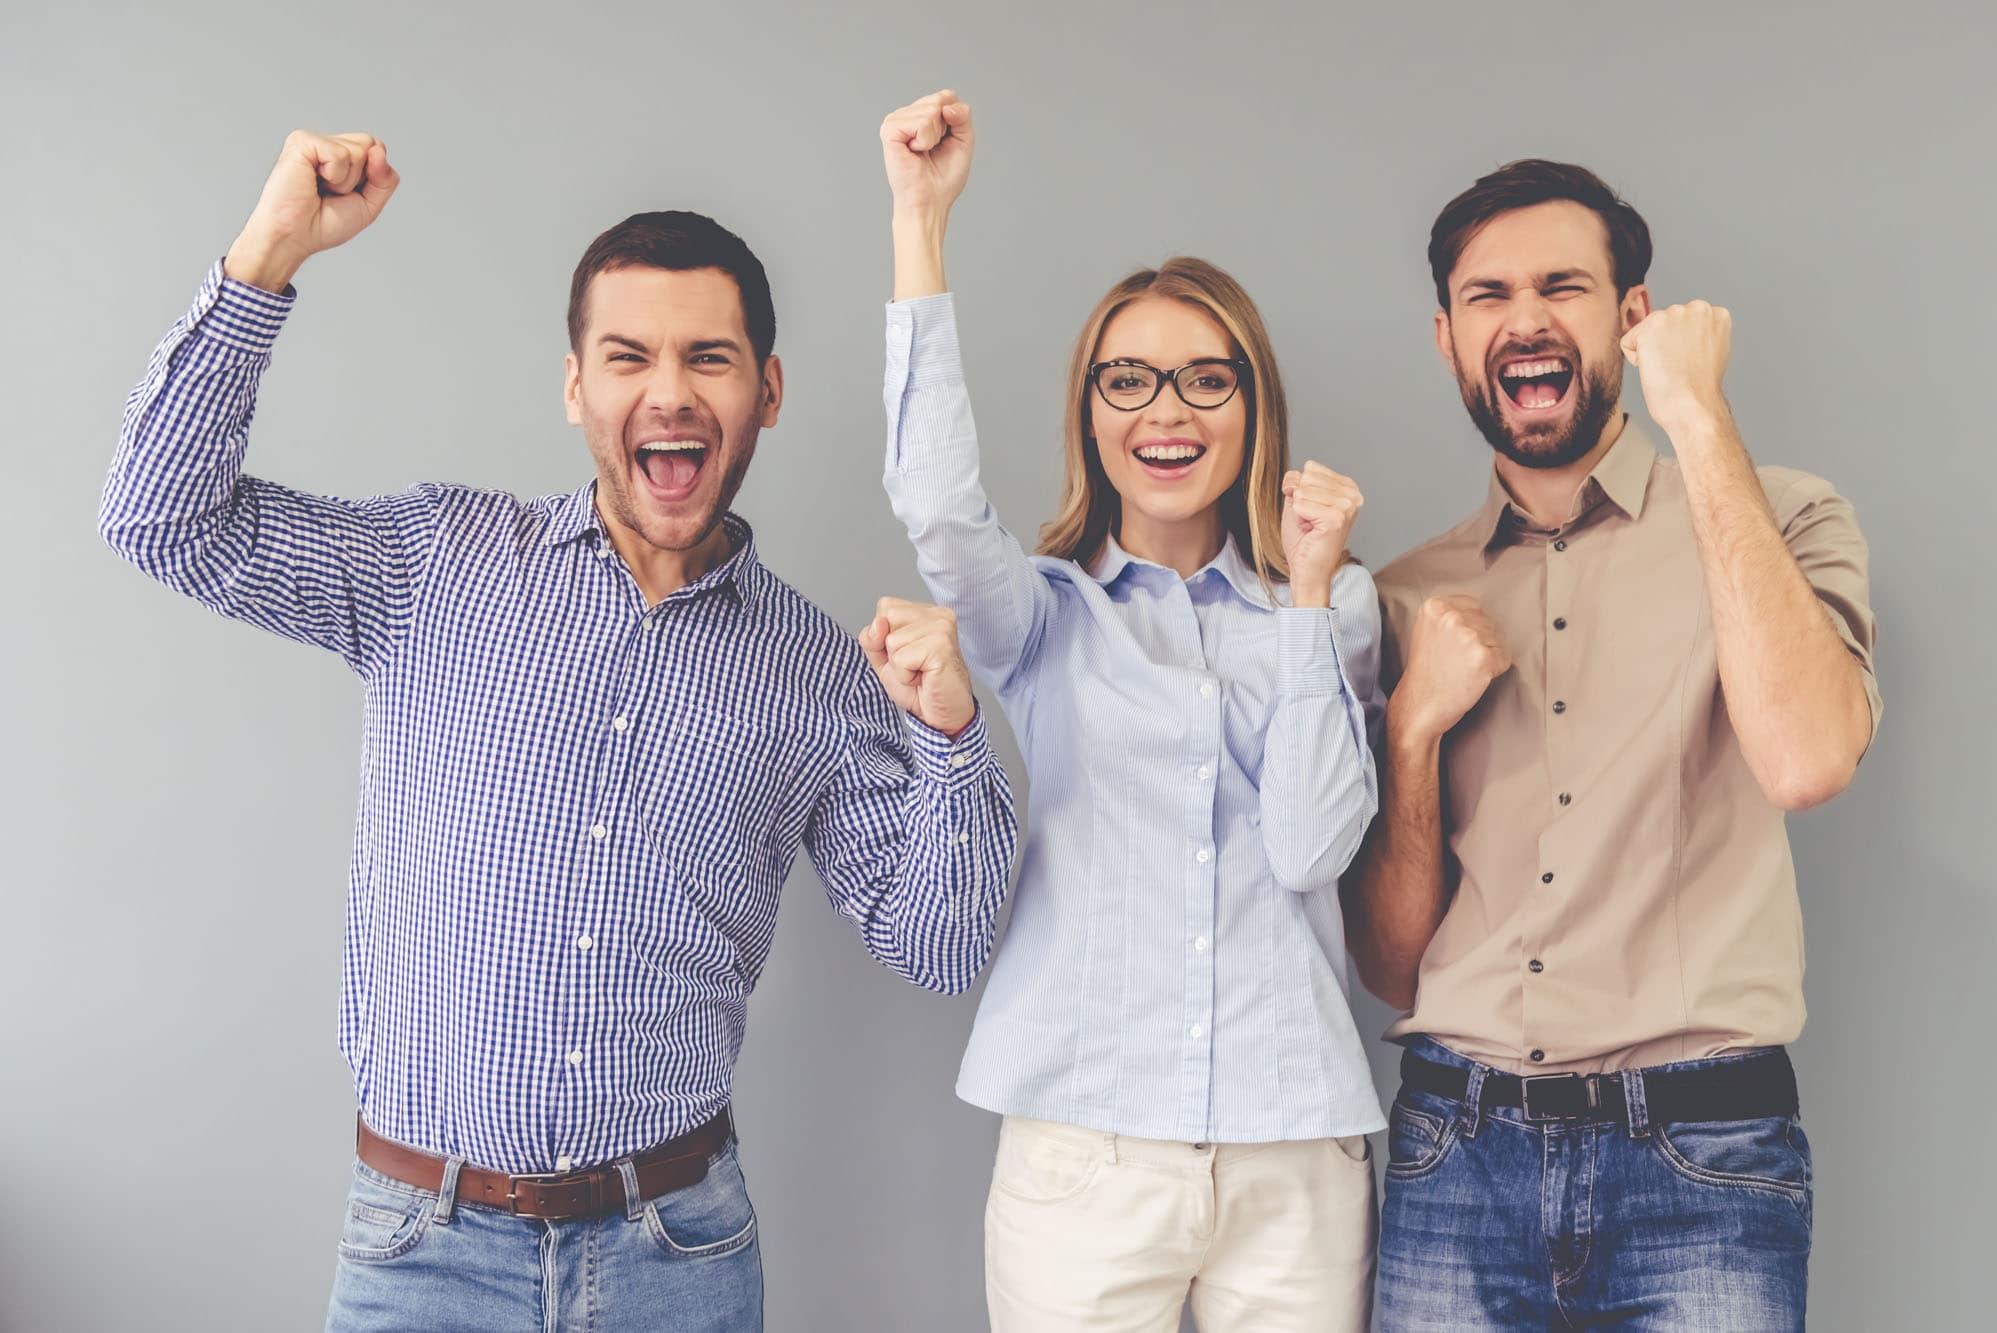 Hva gjør du for å ha og få motiverte ansatte?